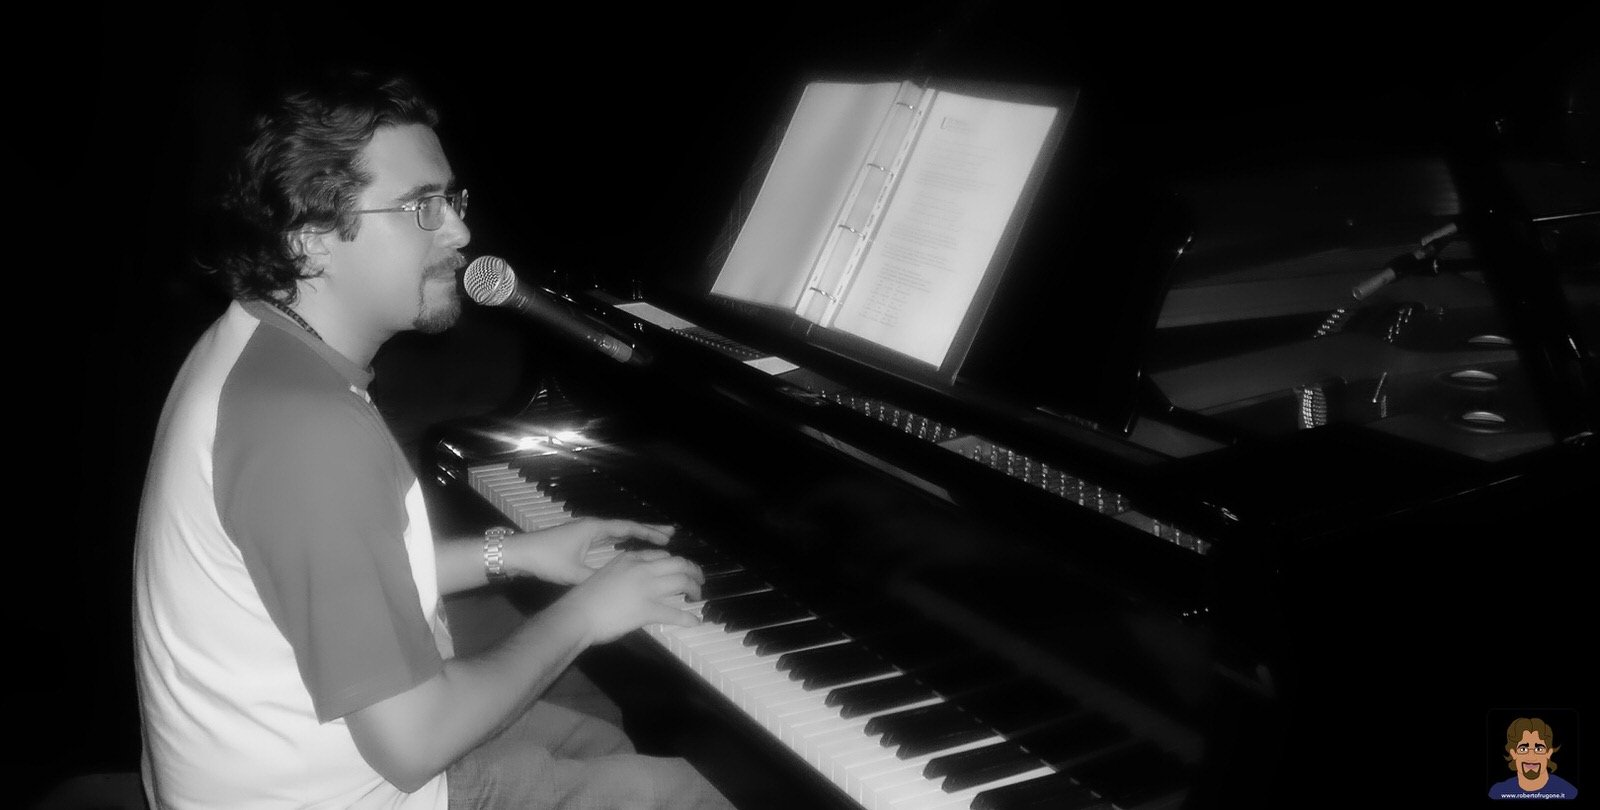 Roberto Frugone cantautore live concerto pianoforte Chiavari Teatro Cantero